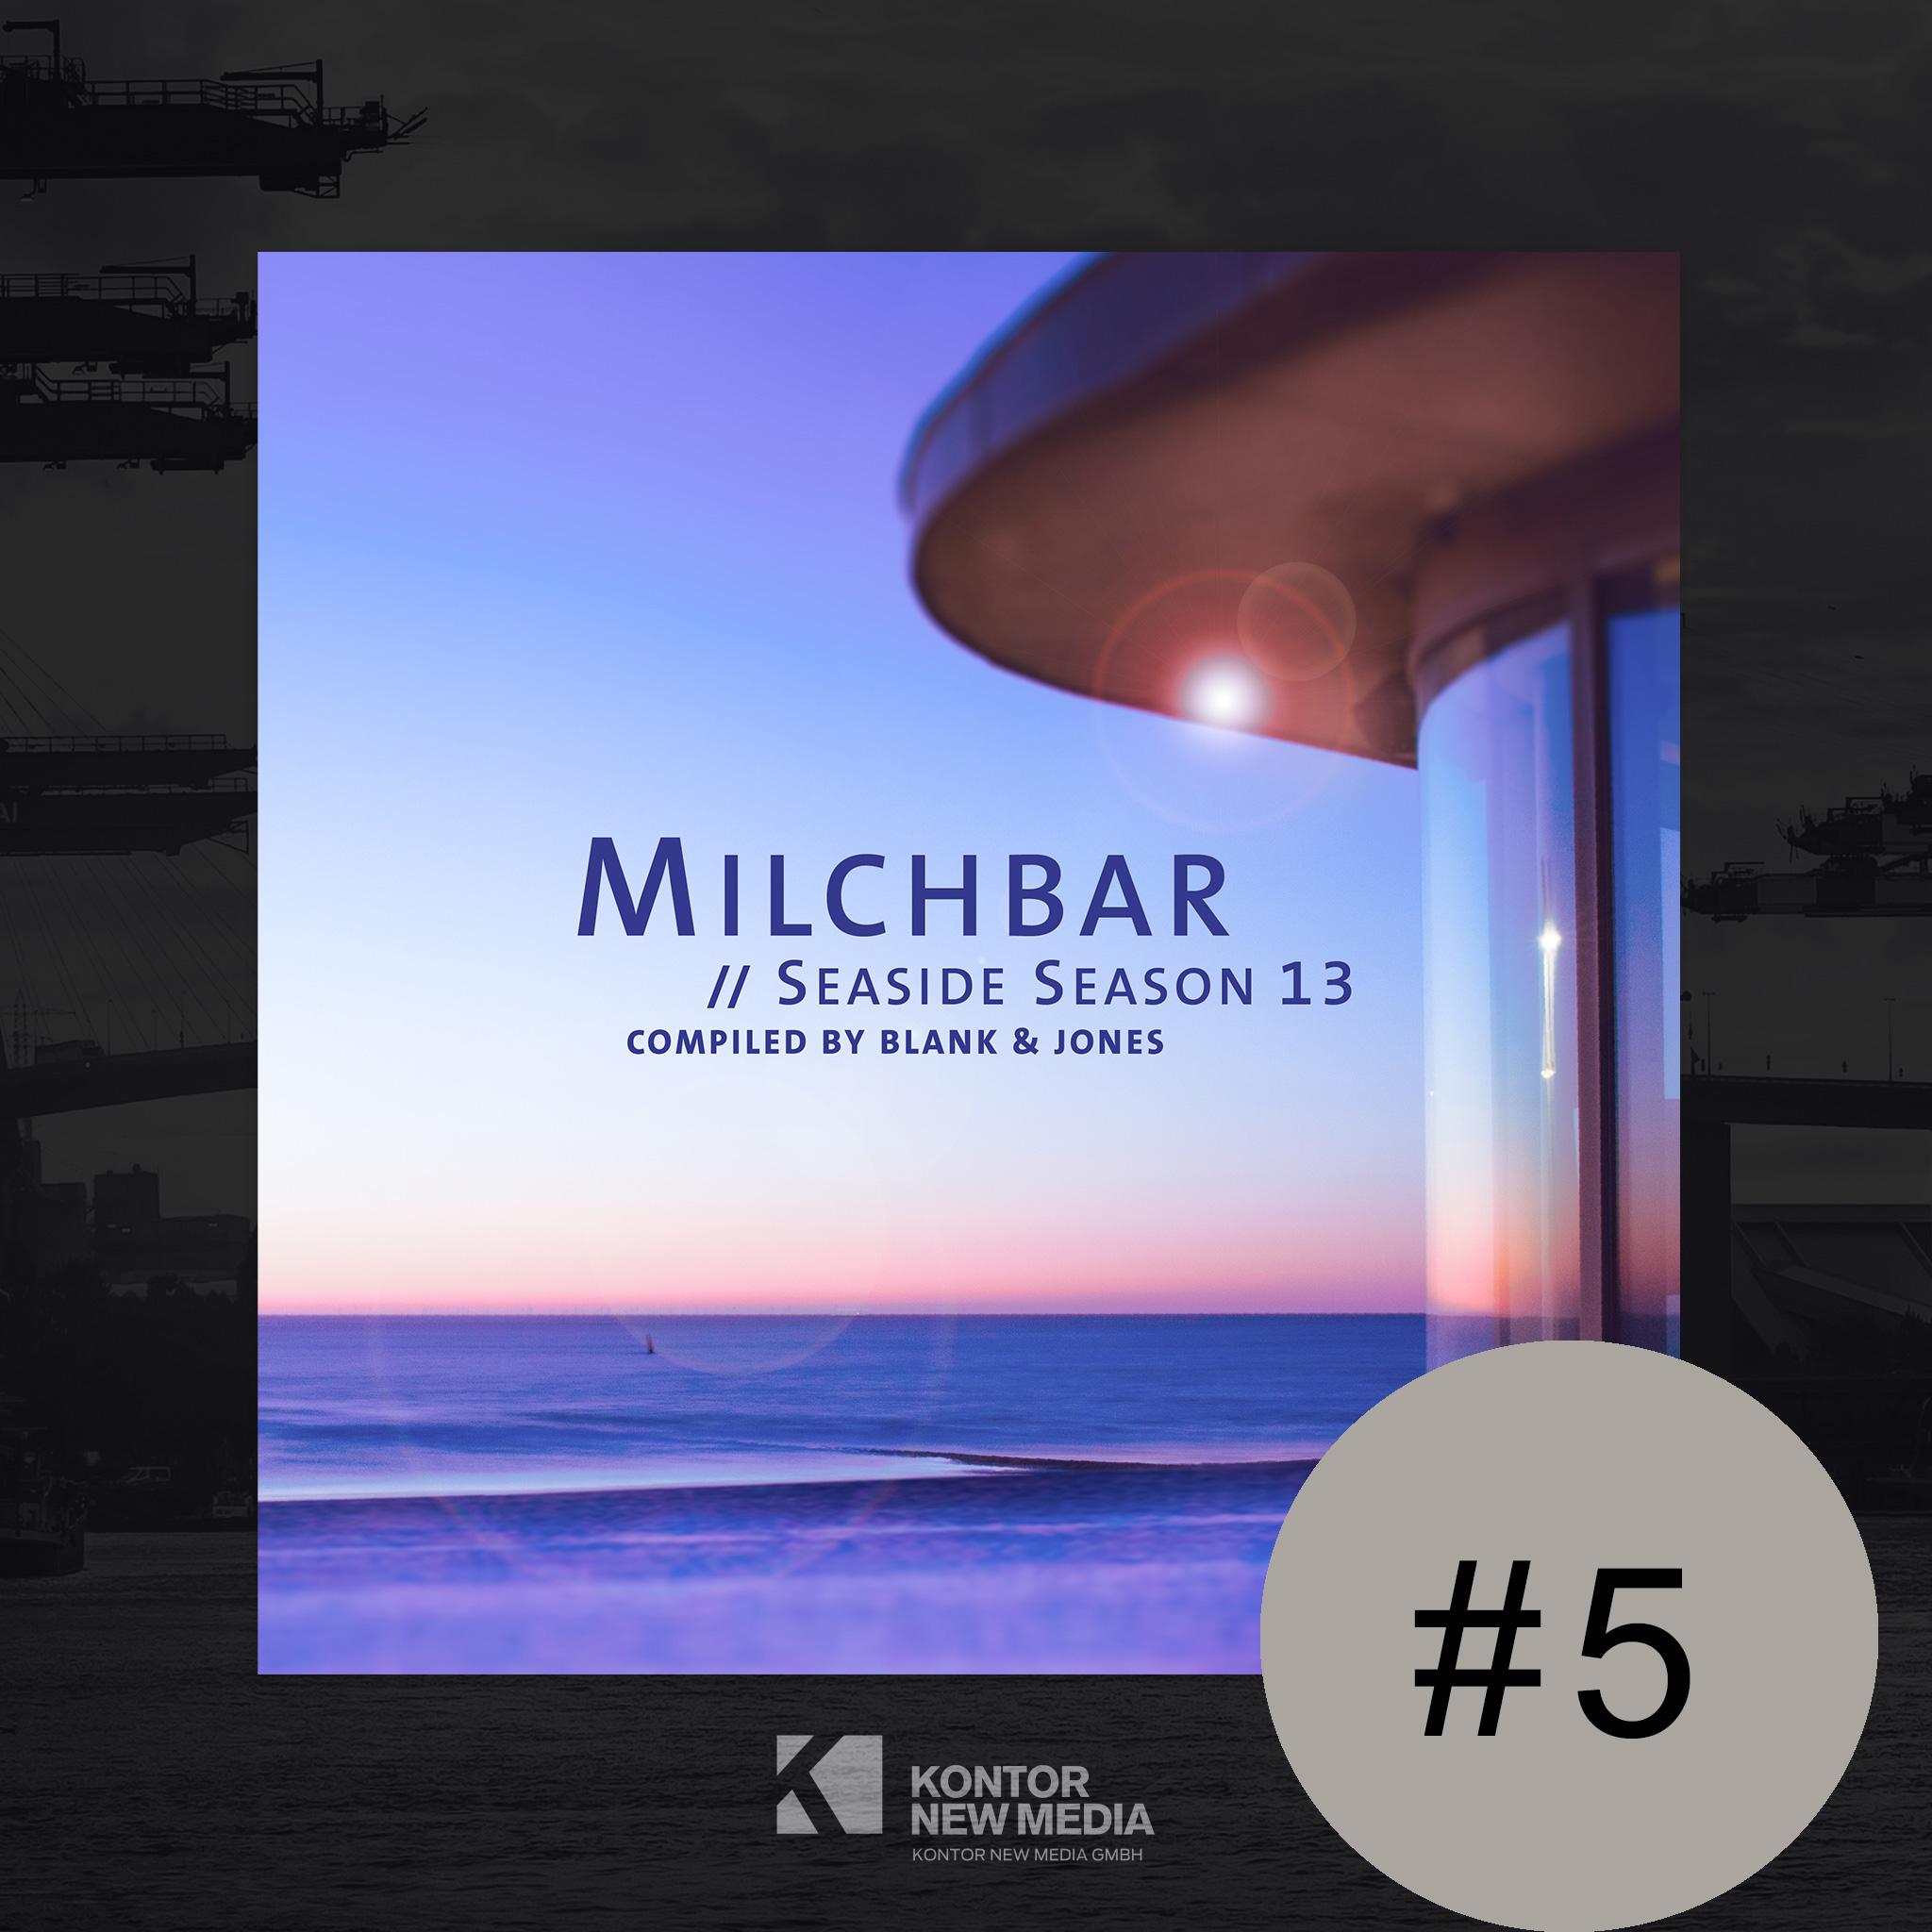 """Blank & Jones """"Milchbar Seaside Season 13″ auf Platz #5 der Offiziellen Deutschen Charts"""